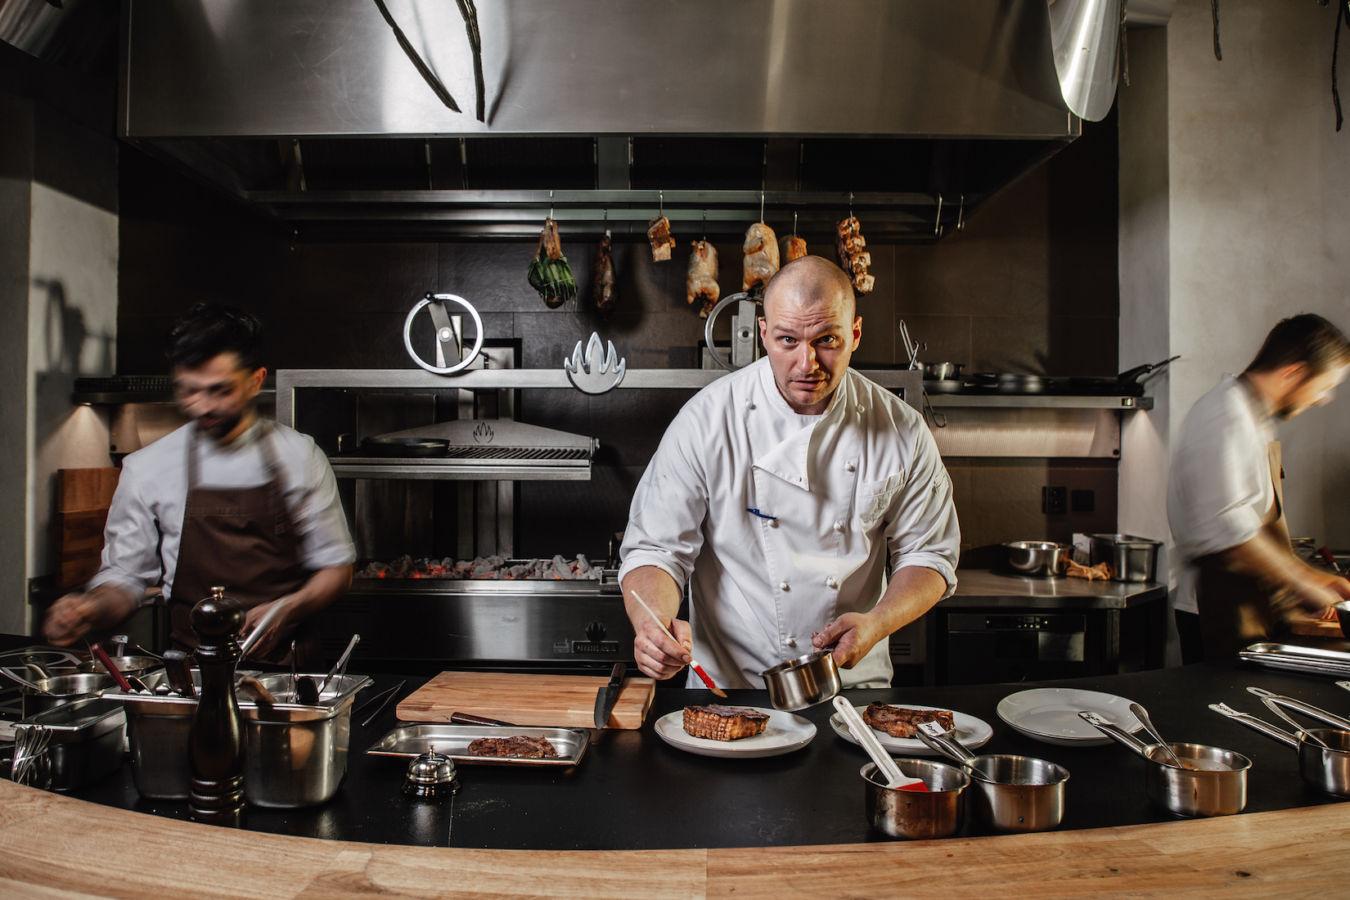 Známá restaurace La Gare mění název i design, kvalita zůstává